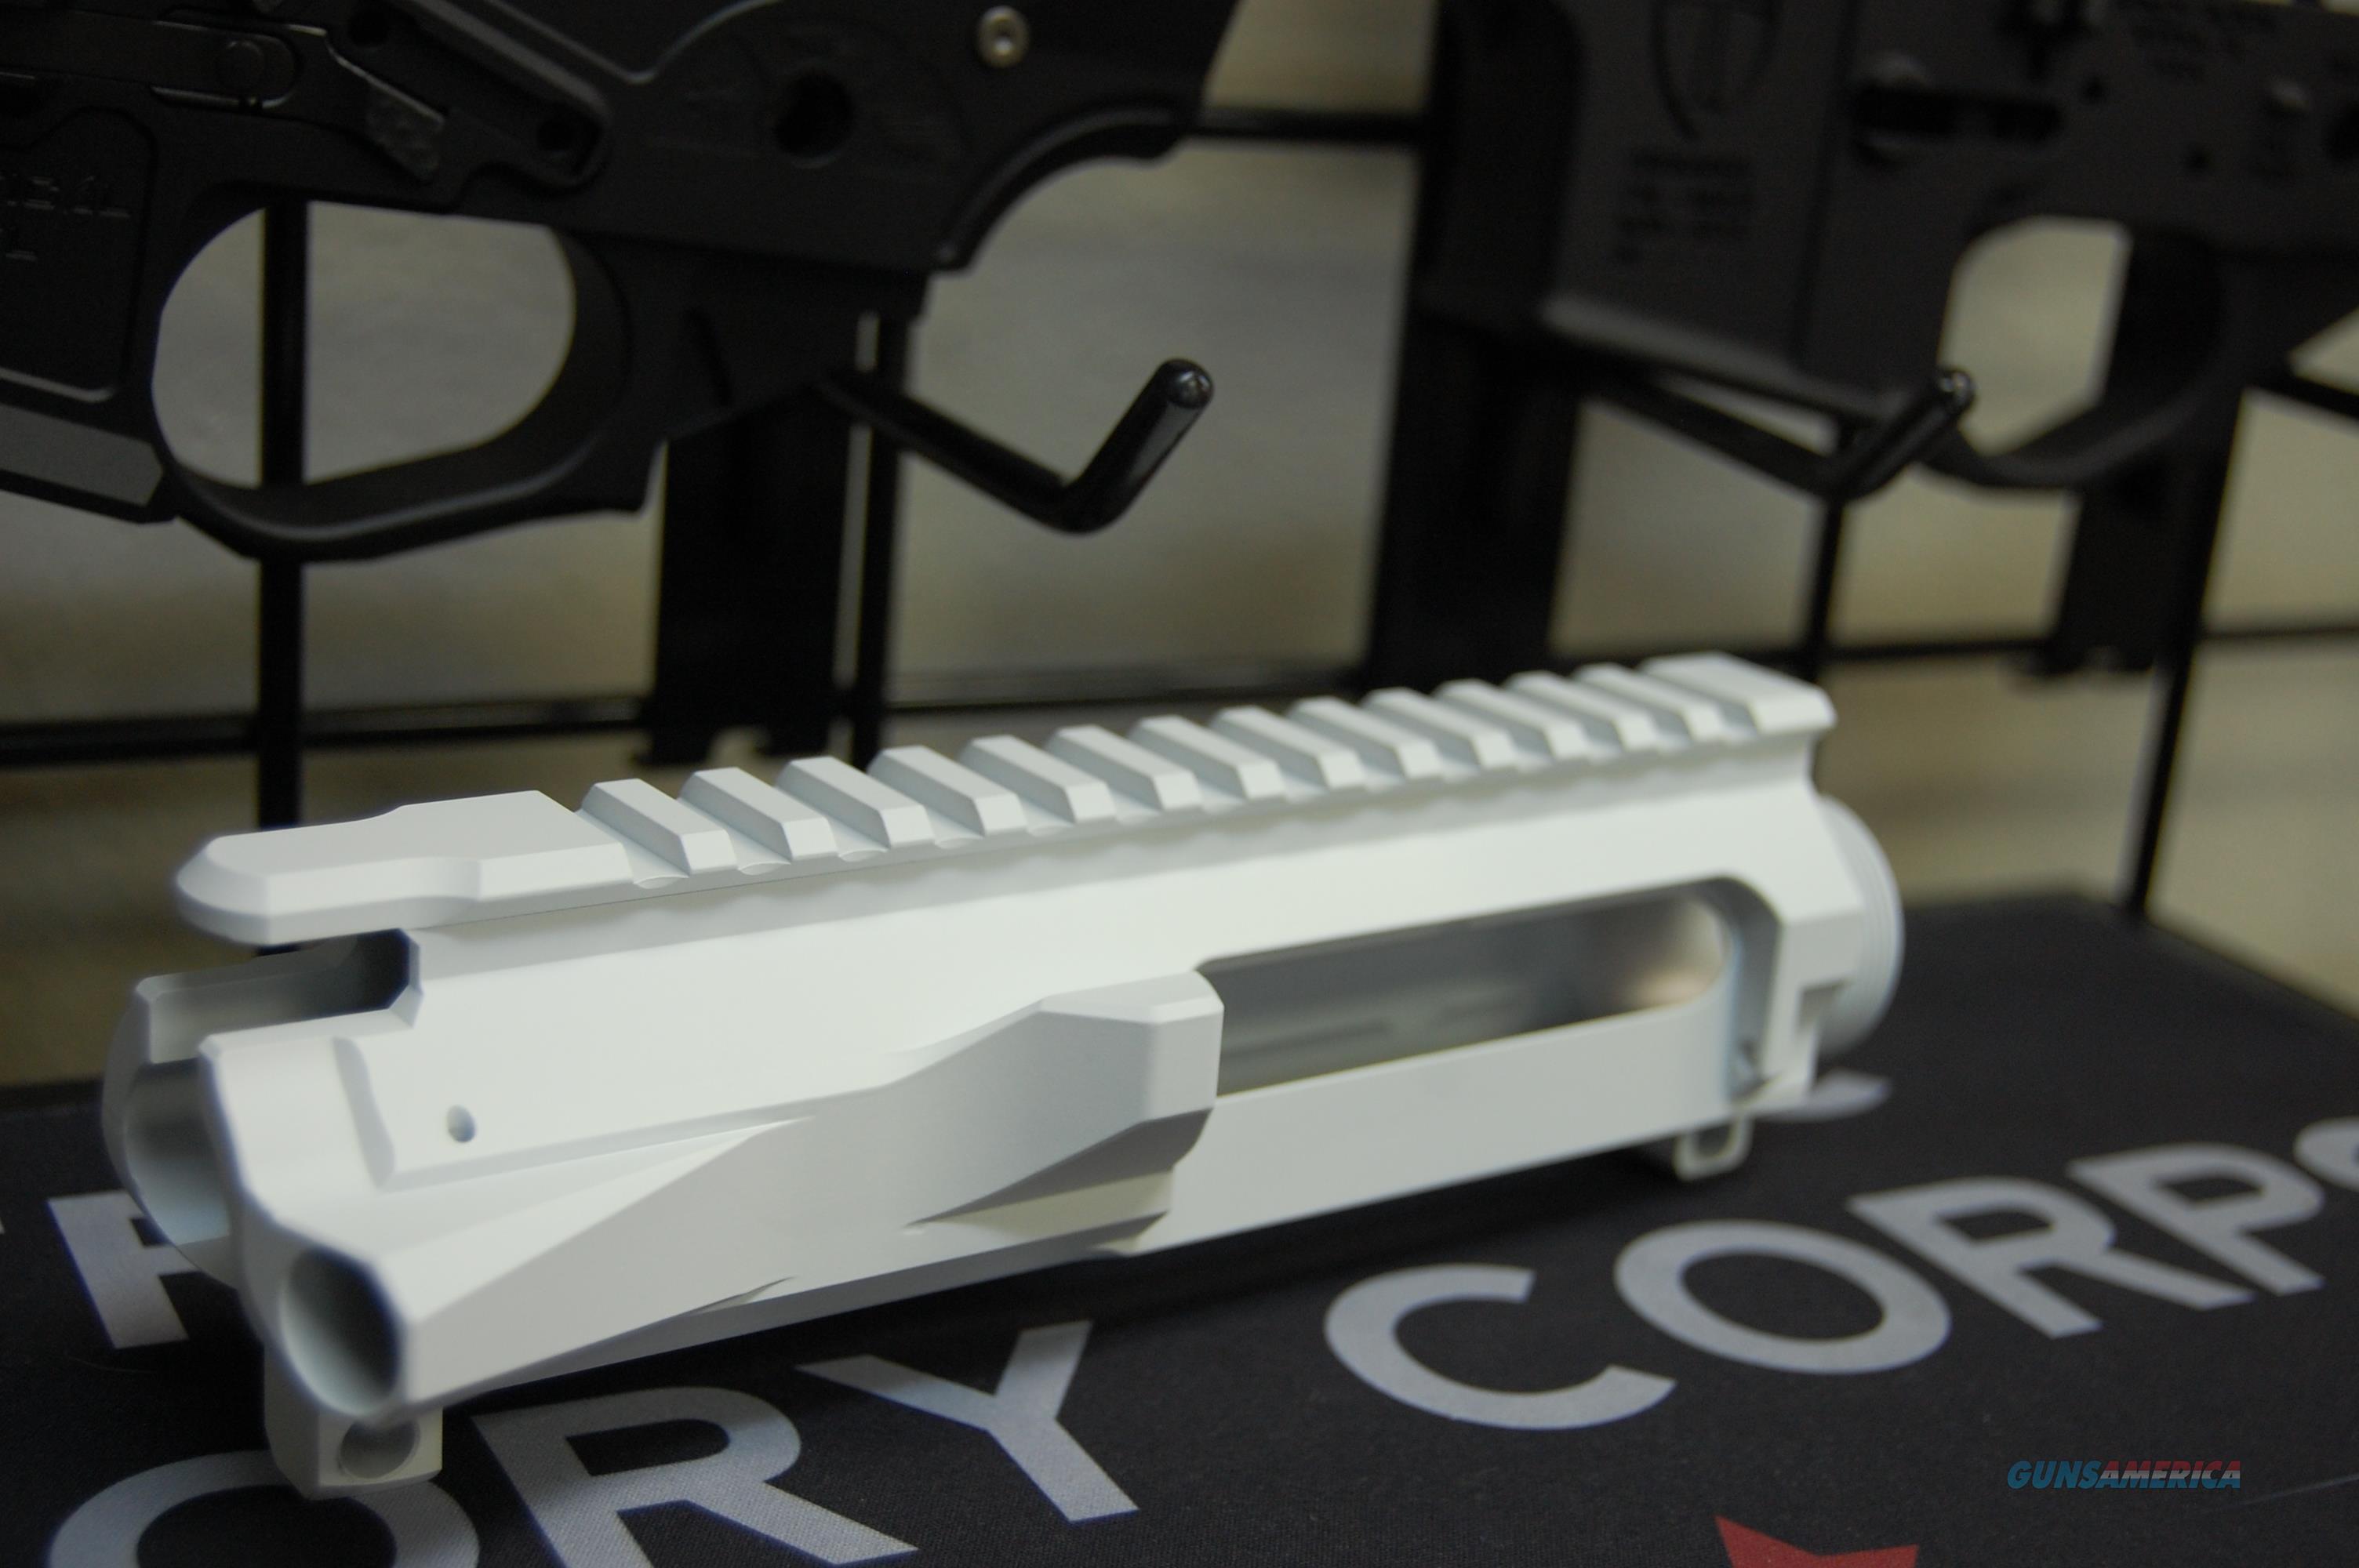 Guntec Billet Stripped AR15 Upper X-Werks White  Non-Guns > Gun Parts > M16-AR15 > Upper Only